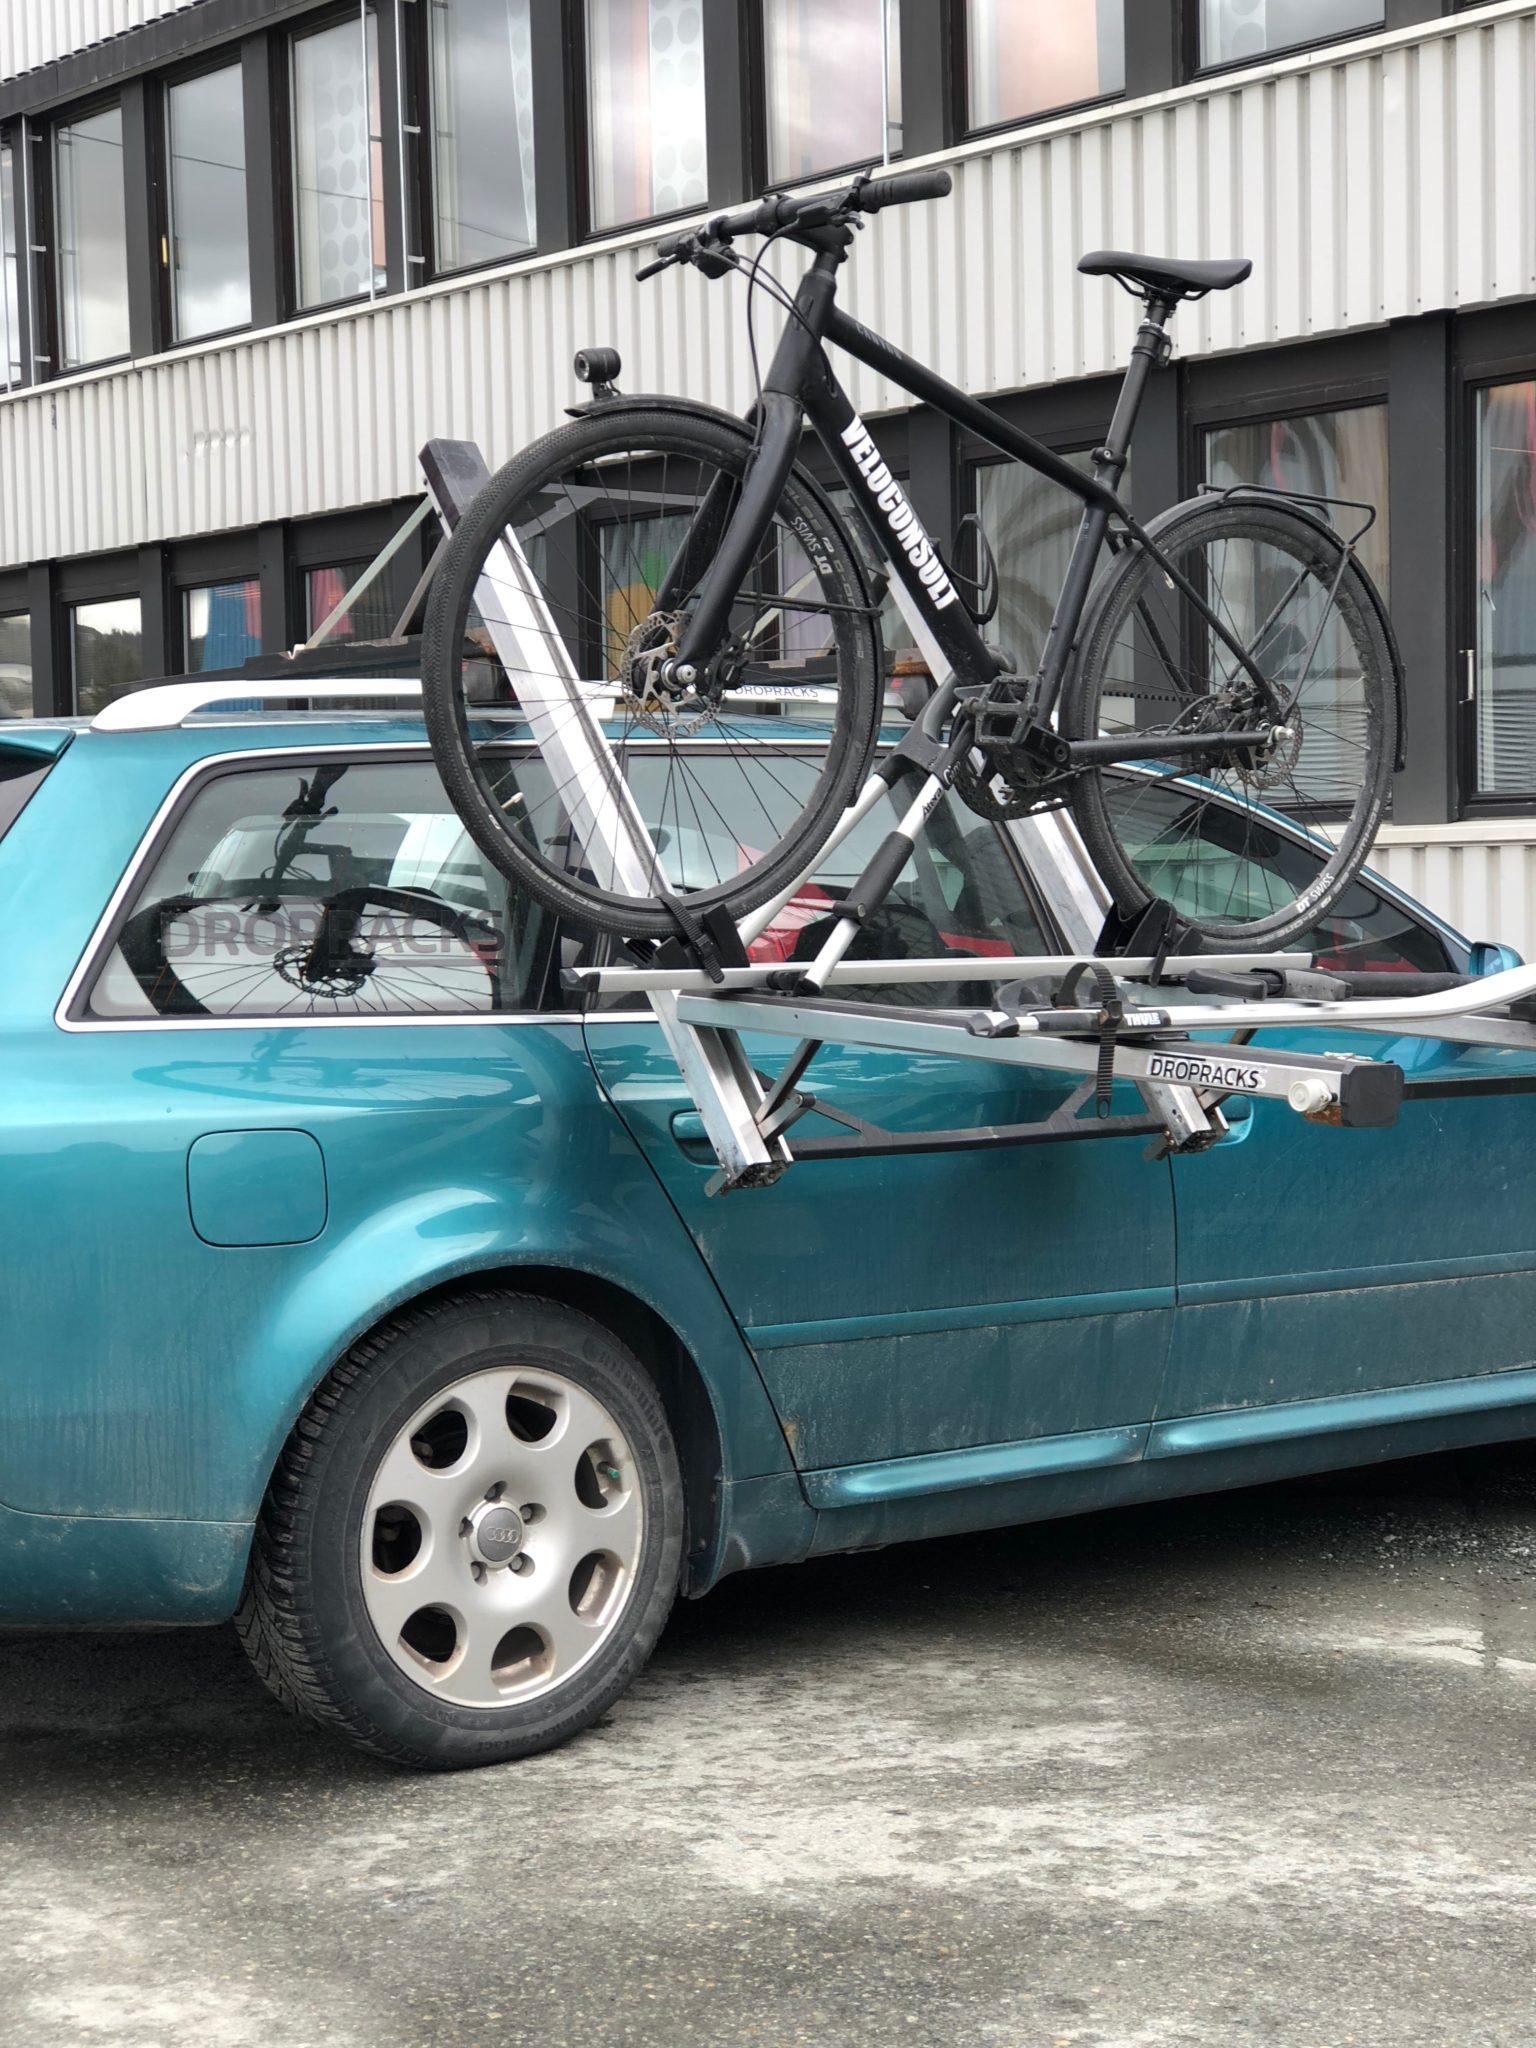 Bike in reachable height